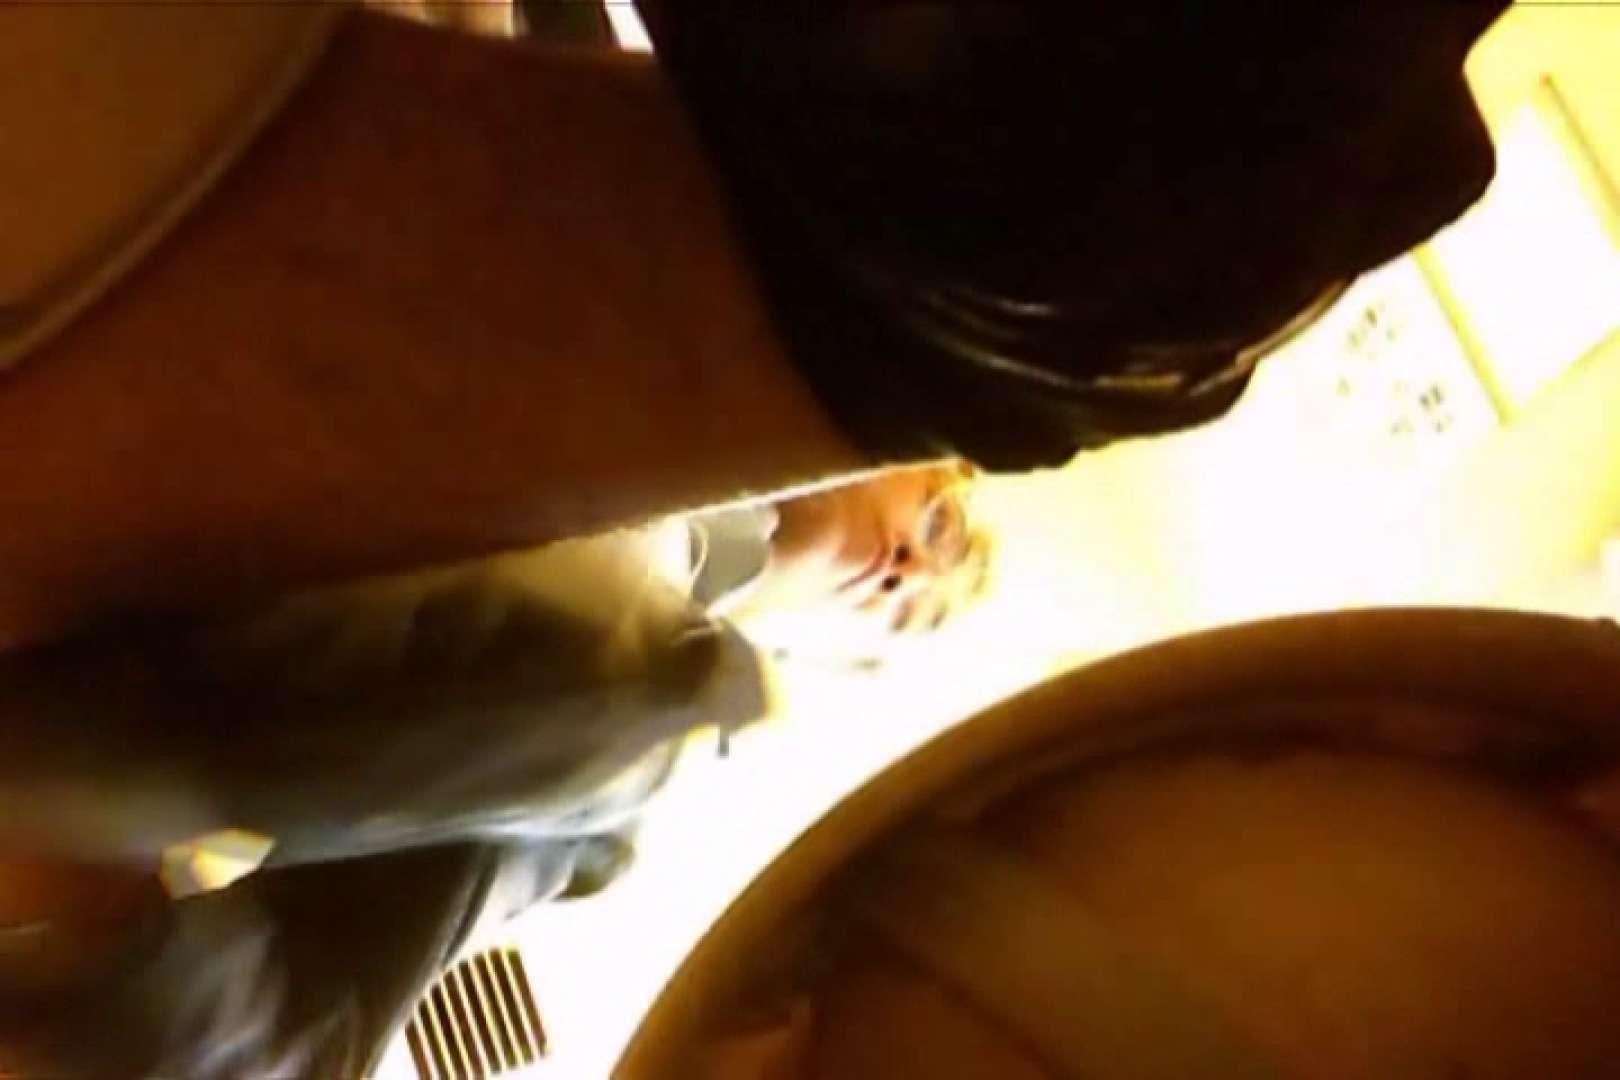 SEASON 2ND!掴み取りさんの洗面所覗き!in新幹線!VOL.04 完全無修正でお届け   ノンケボーイズ  64pic 41